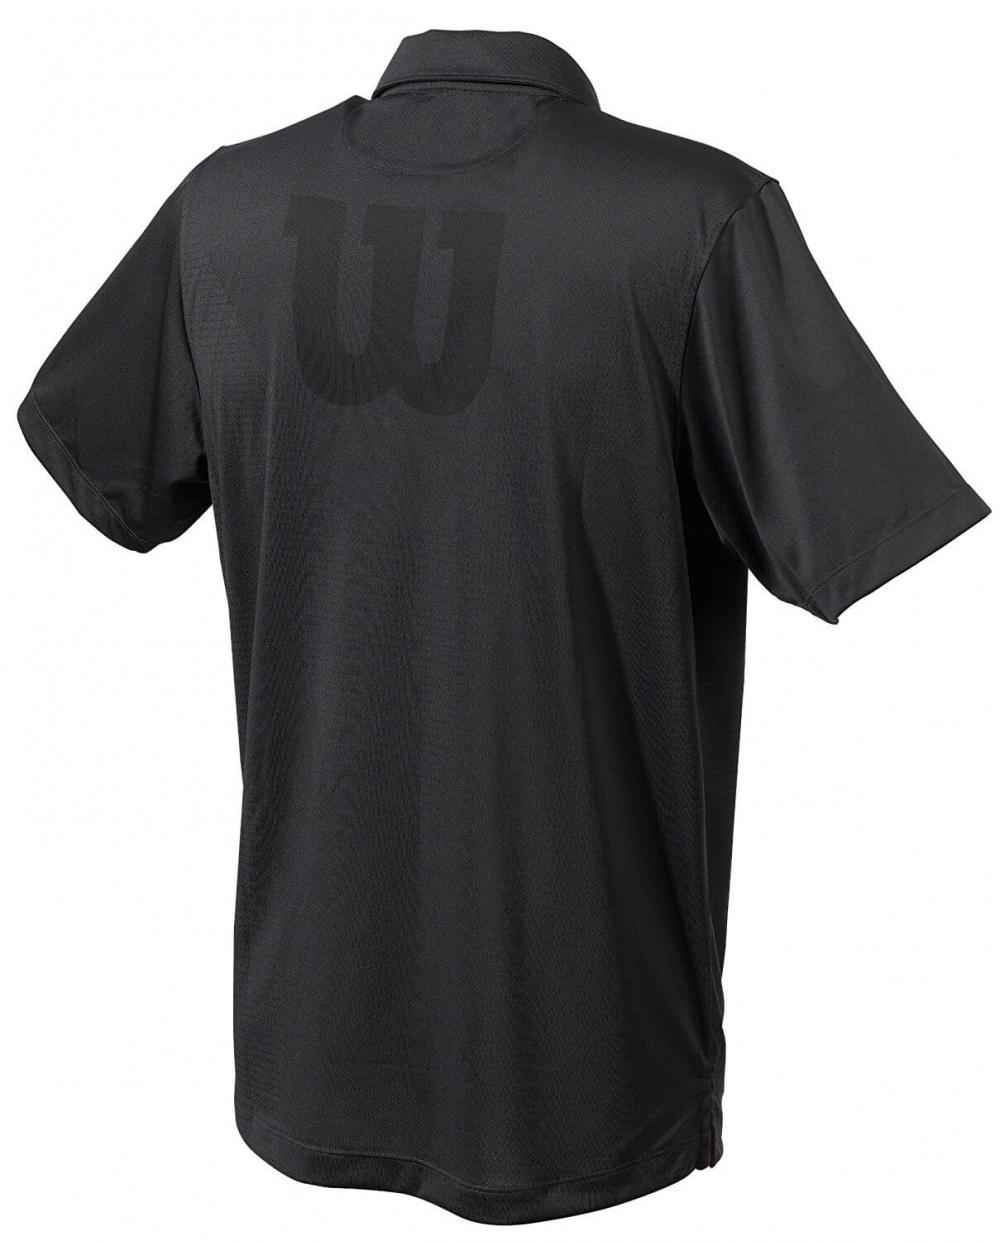 Футболка WILSON tennis polo shirt (размер S) - 1